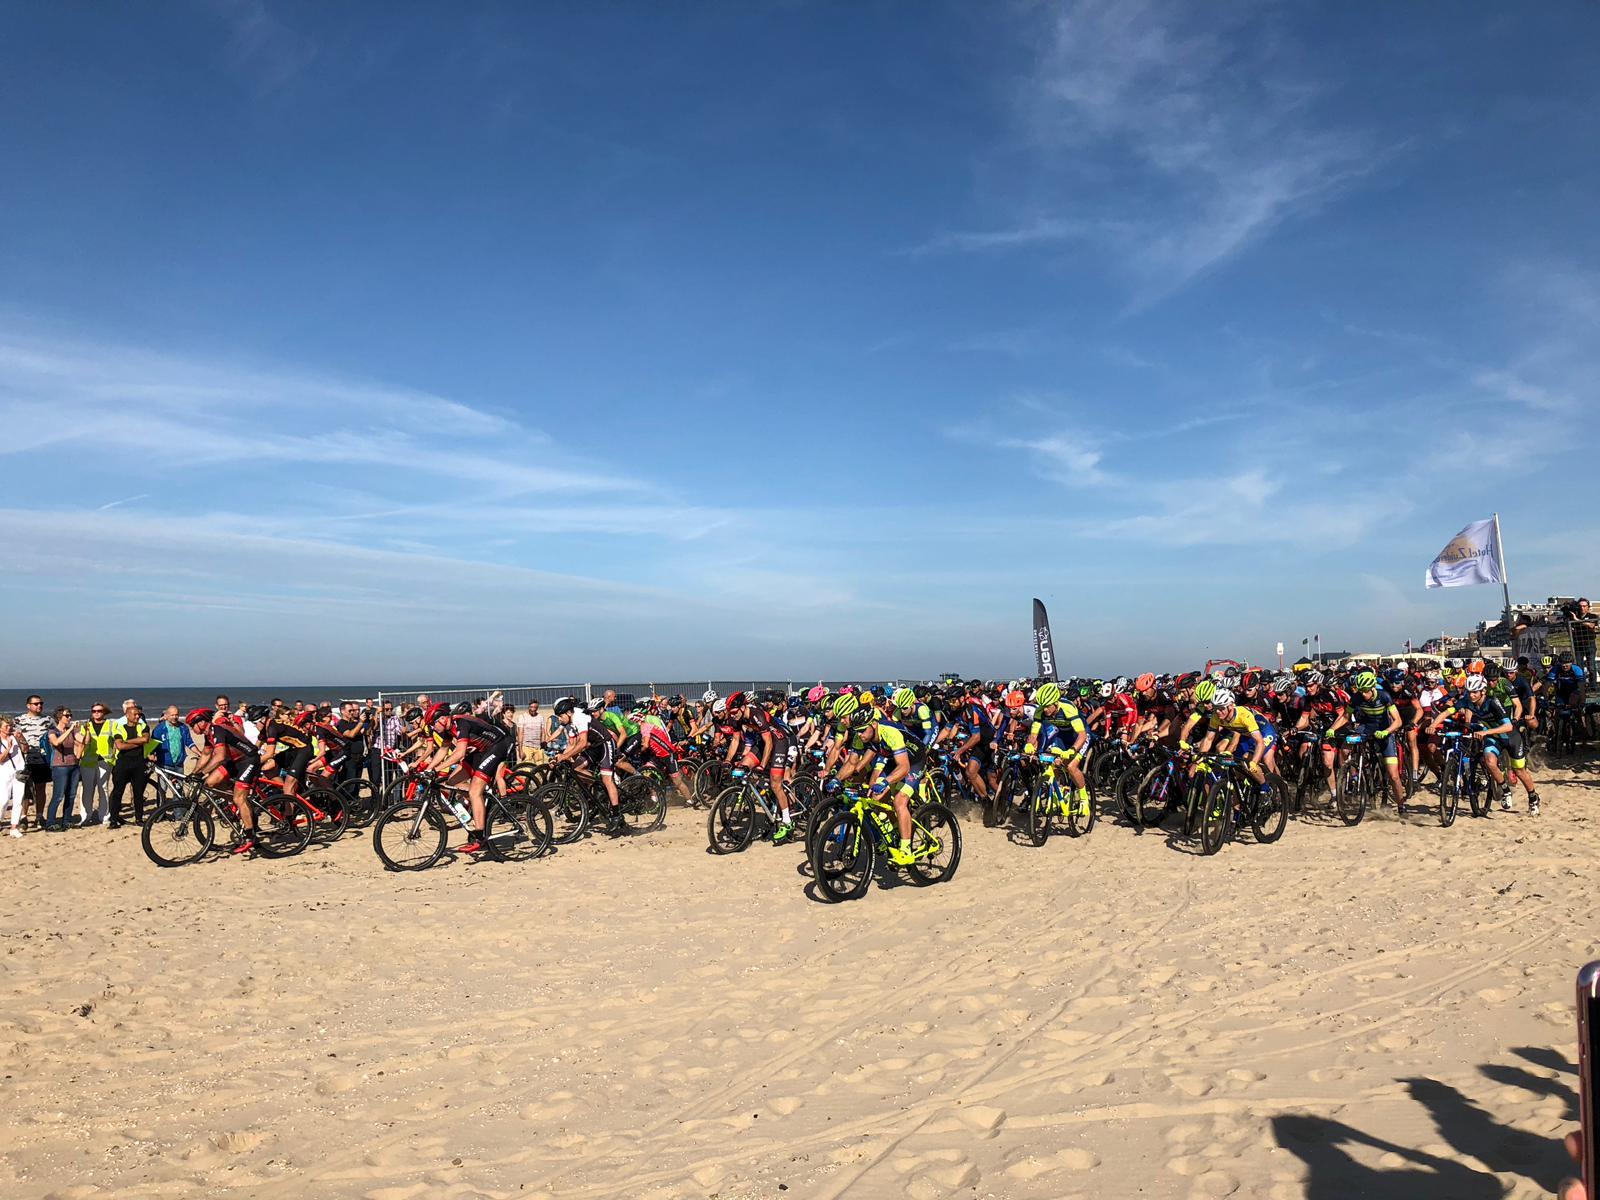 De zandheuvel was een zwaar obstakel voor de deelnemers van de Derp Bikers Beachrace. (Foto: aangeleverd) rodi.nl © rodi